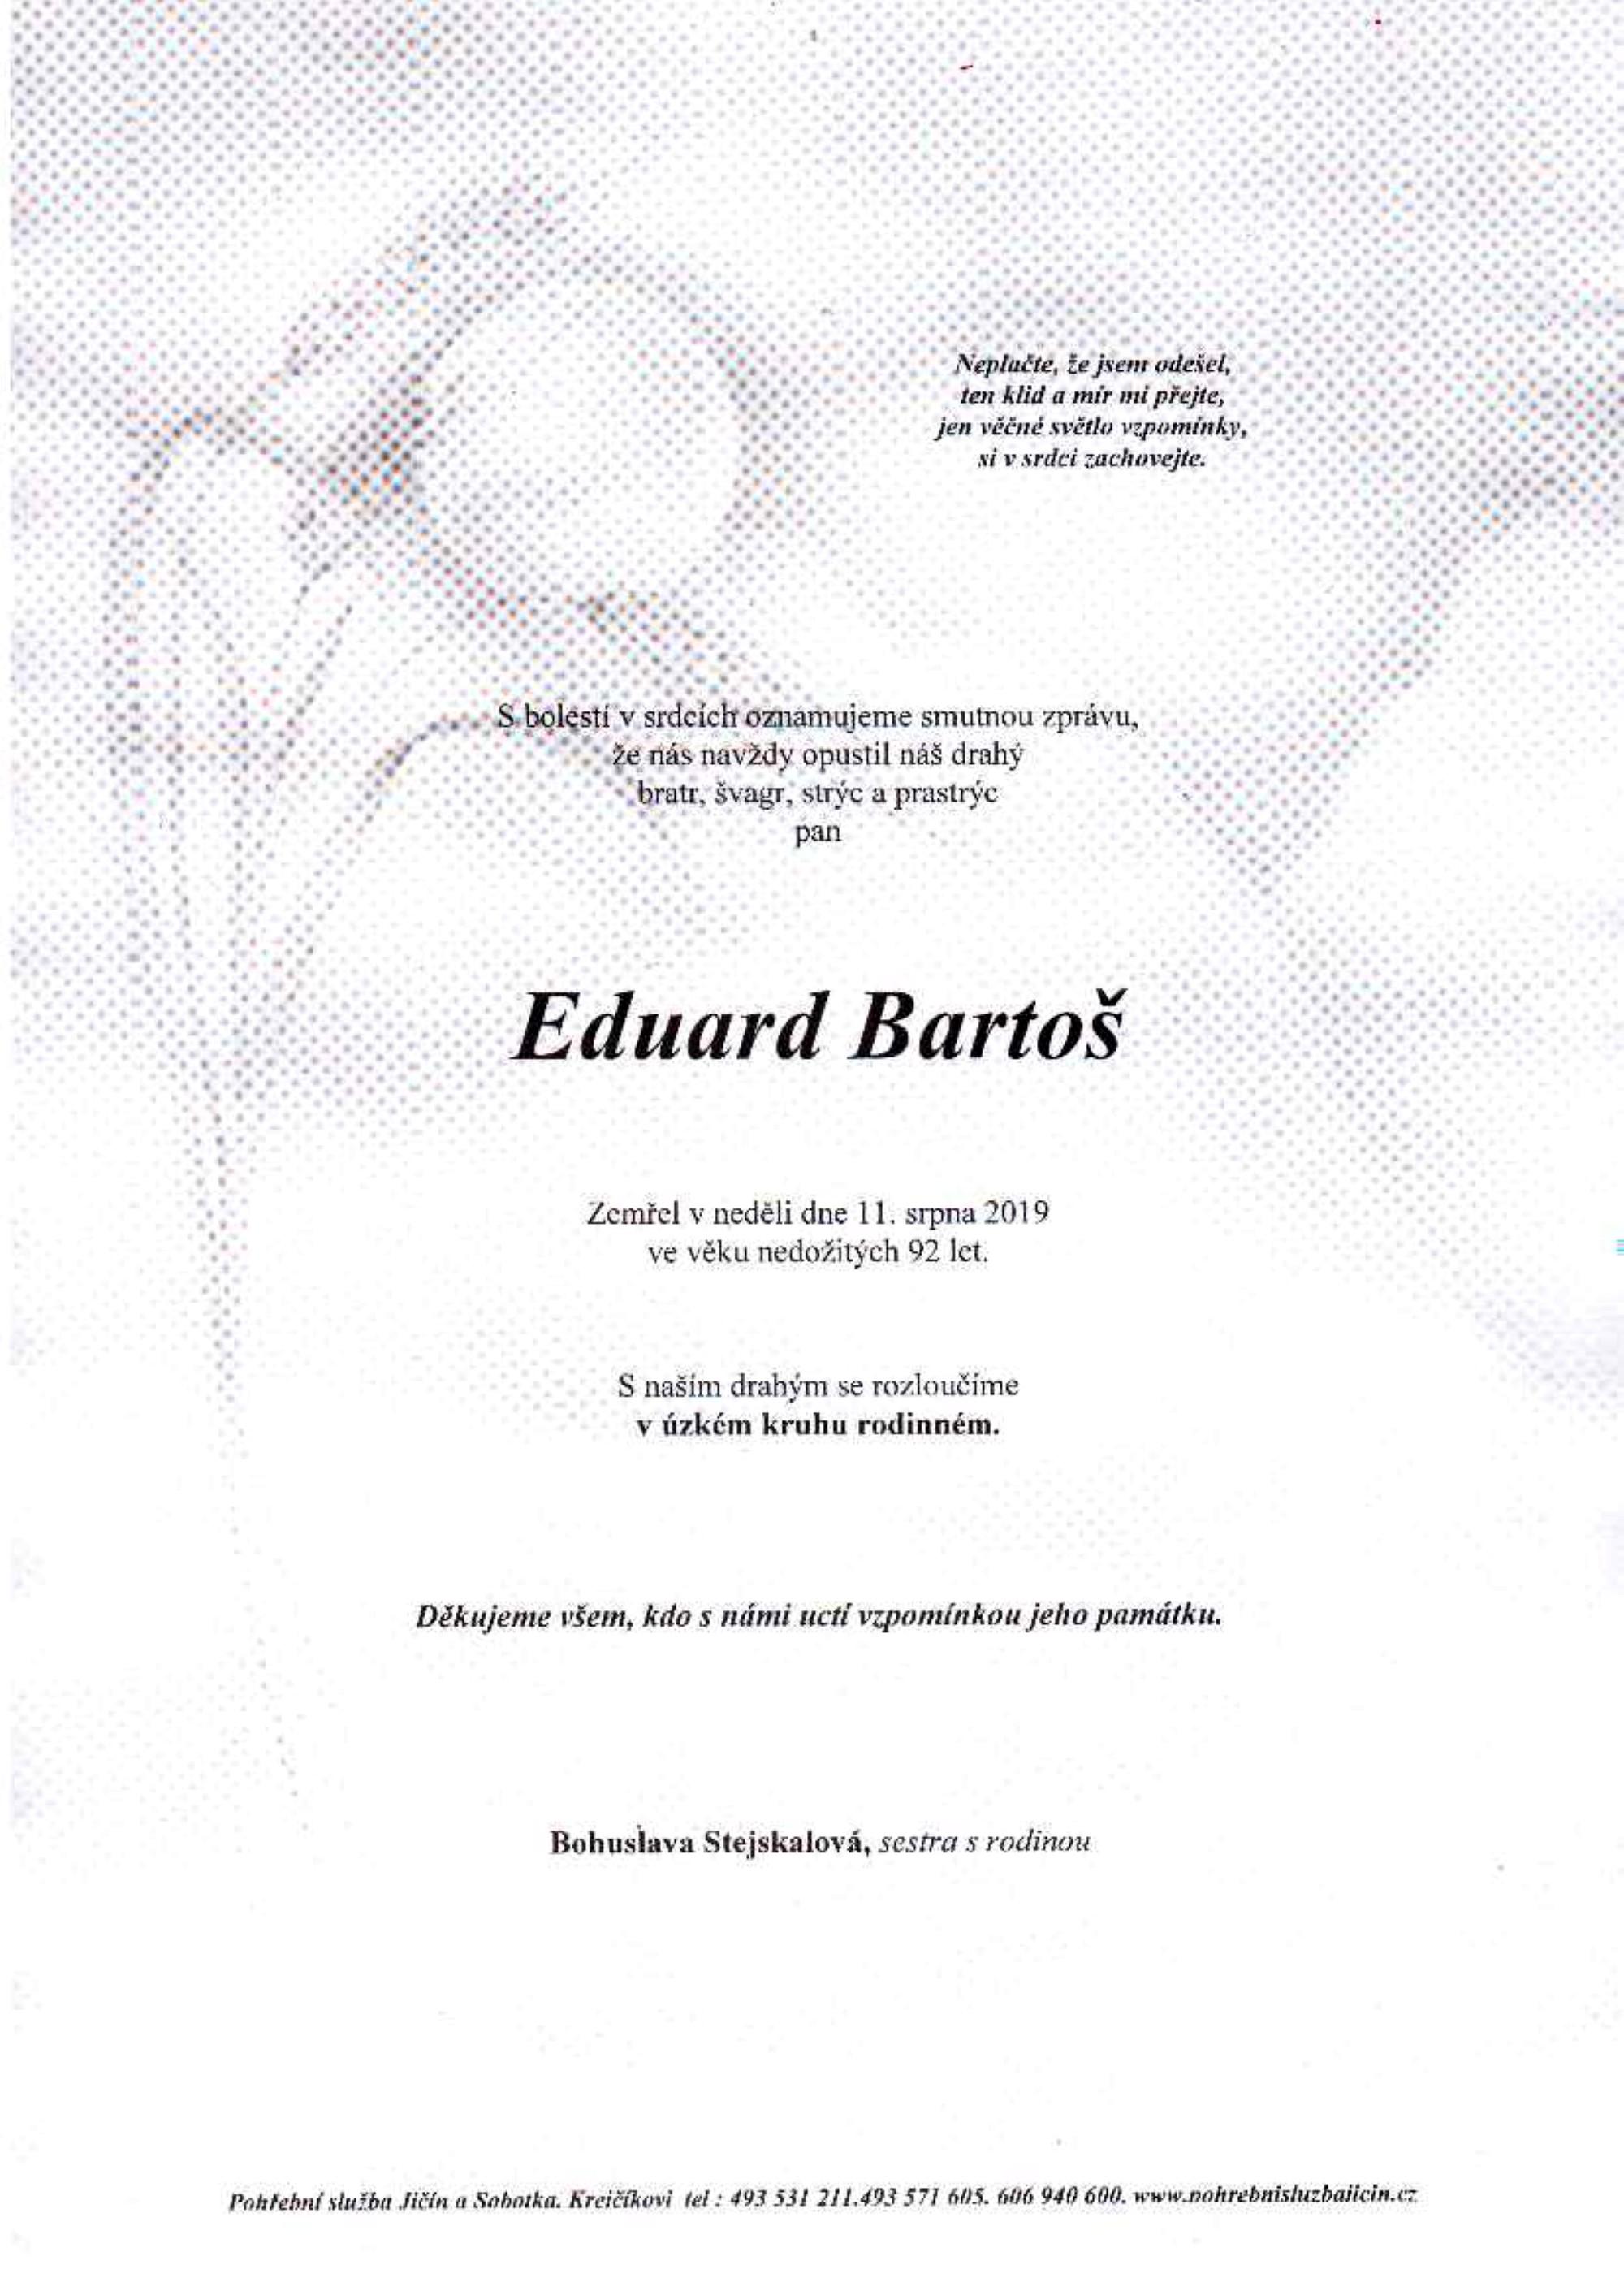 Eduard Bartoš